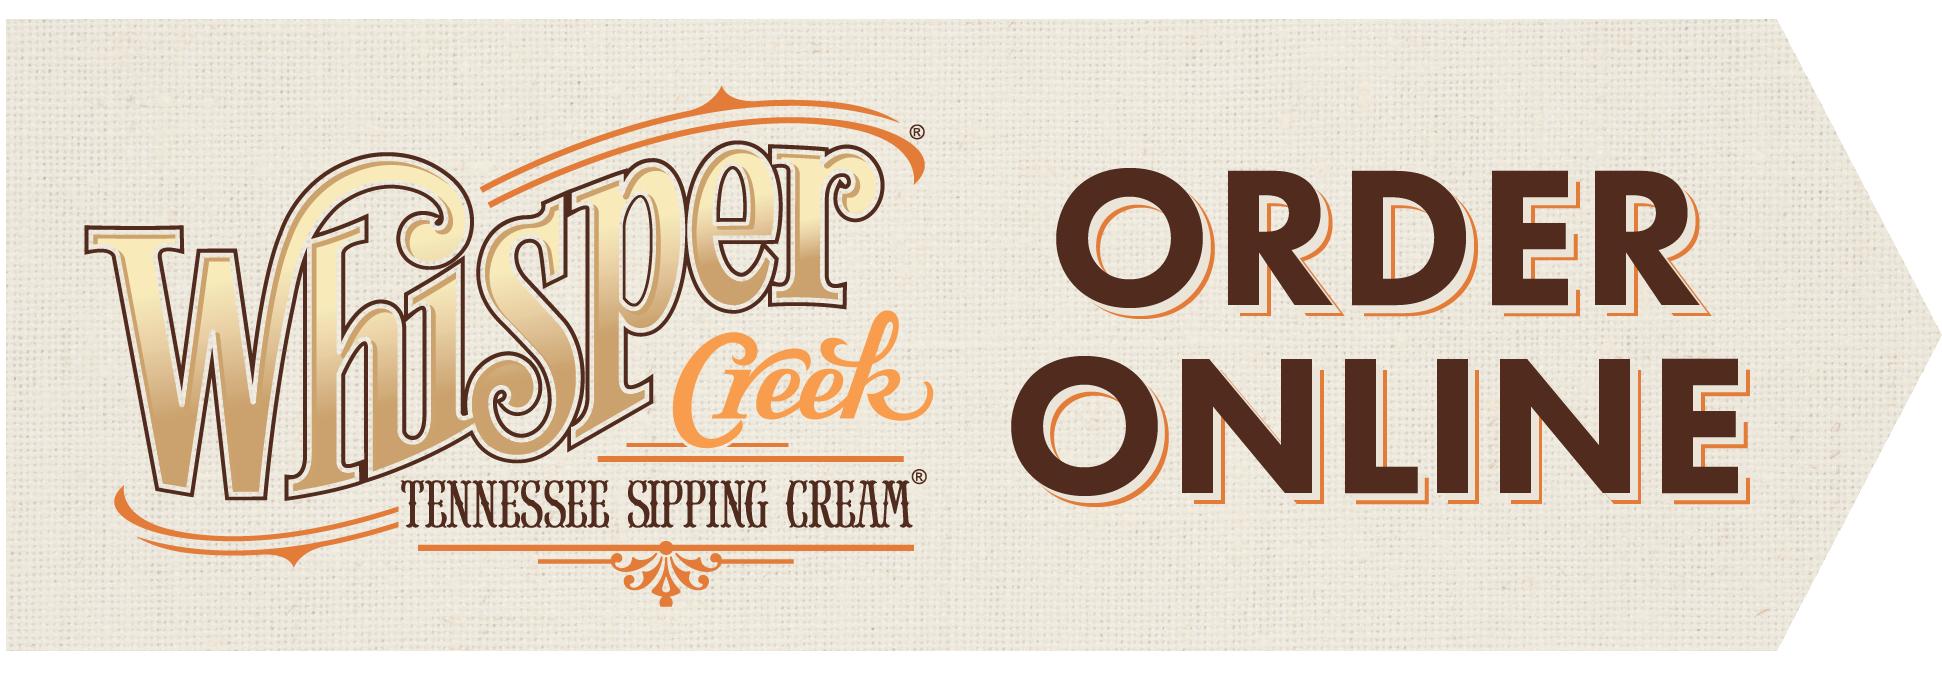 Order Whisper Creek Online